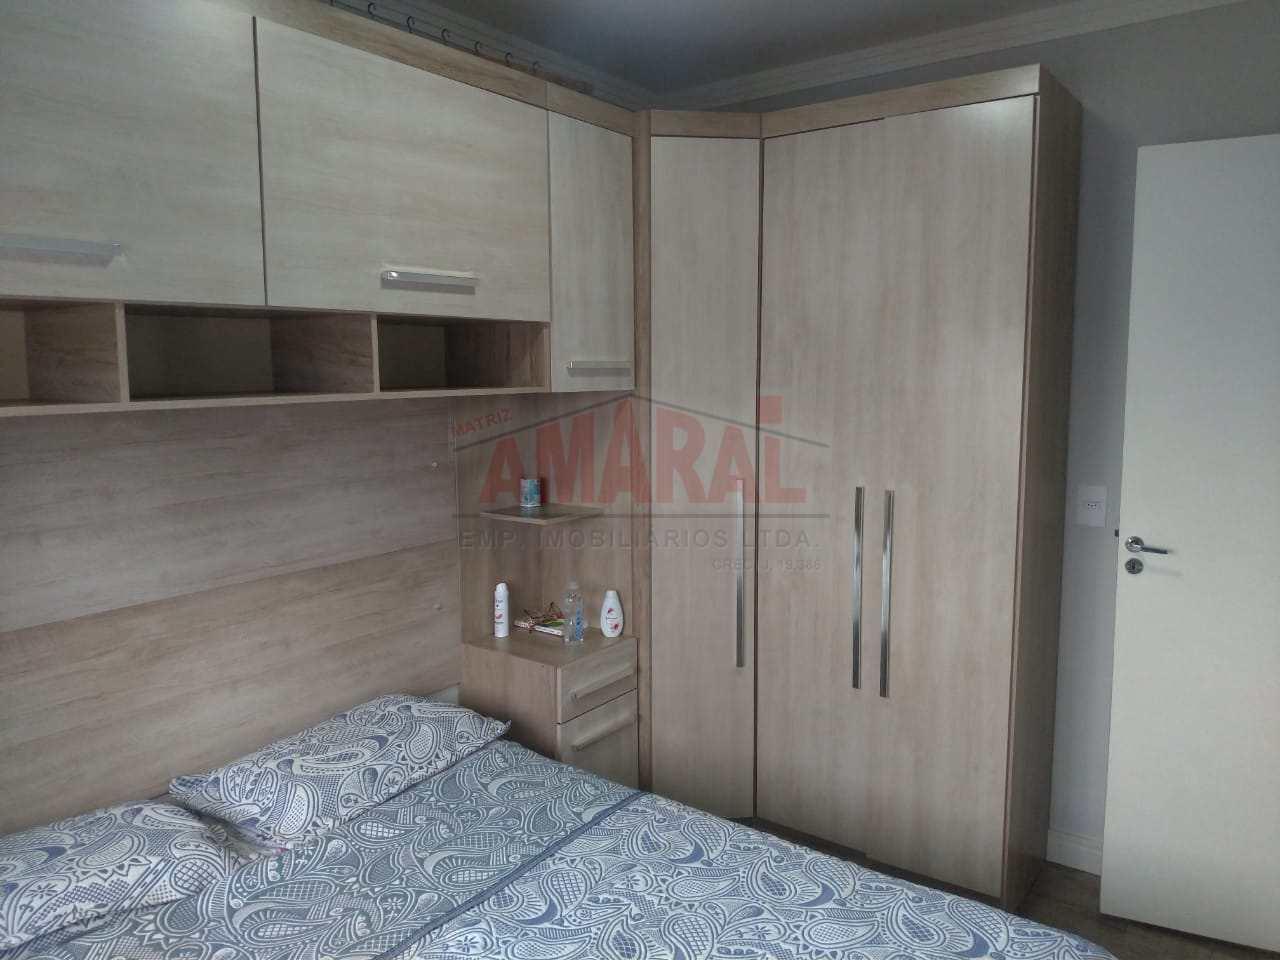 Apartamento com 2 dorms, Cidade Satélite Santa Bárbara, São Paulo, Cod: 11331